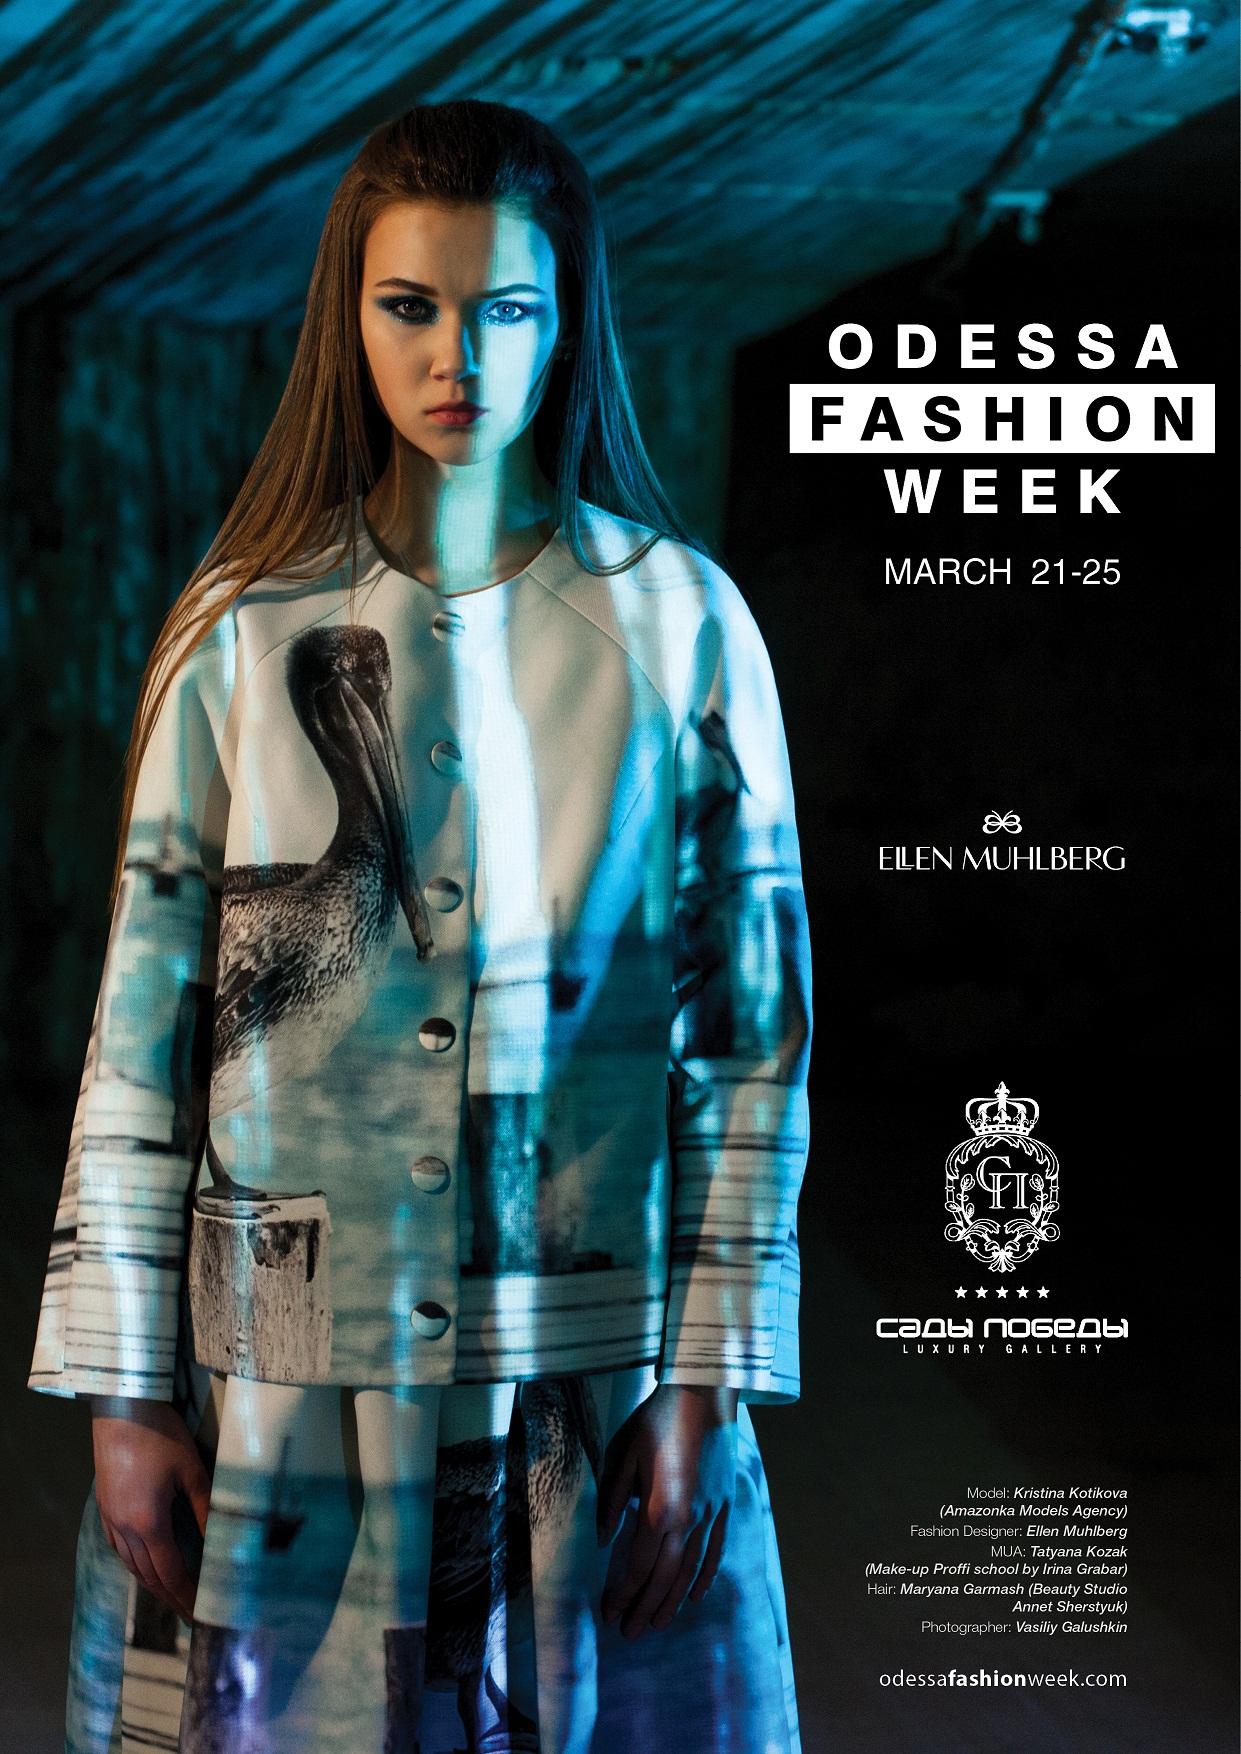 Anastasia Sergeyeva odessa fashion week fw 2018-19 schedule